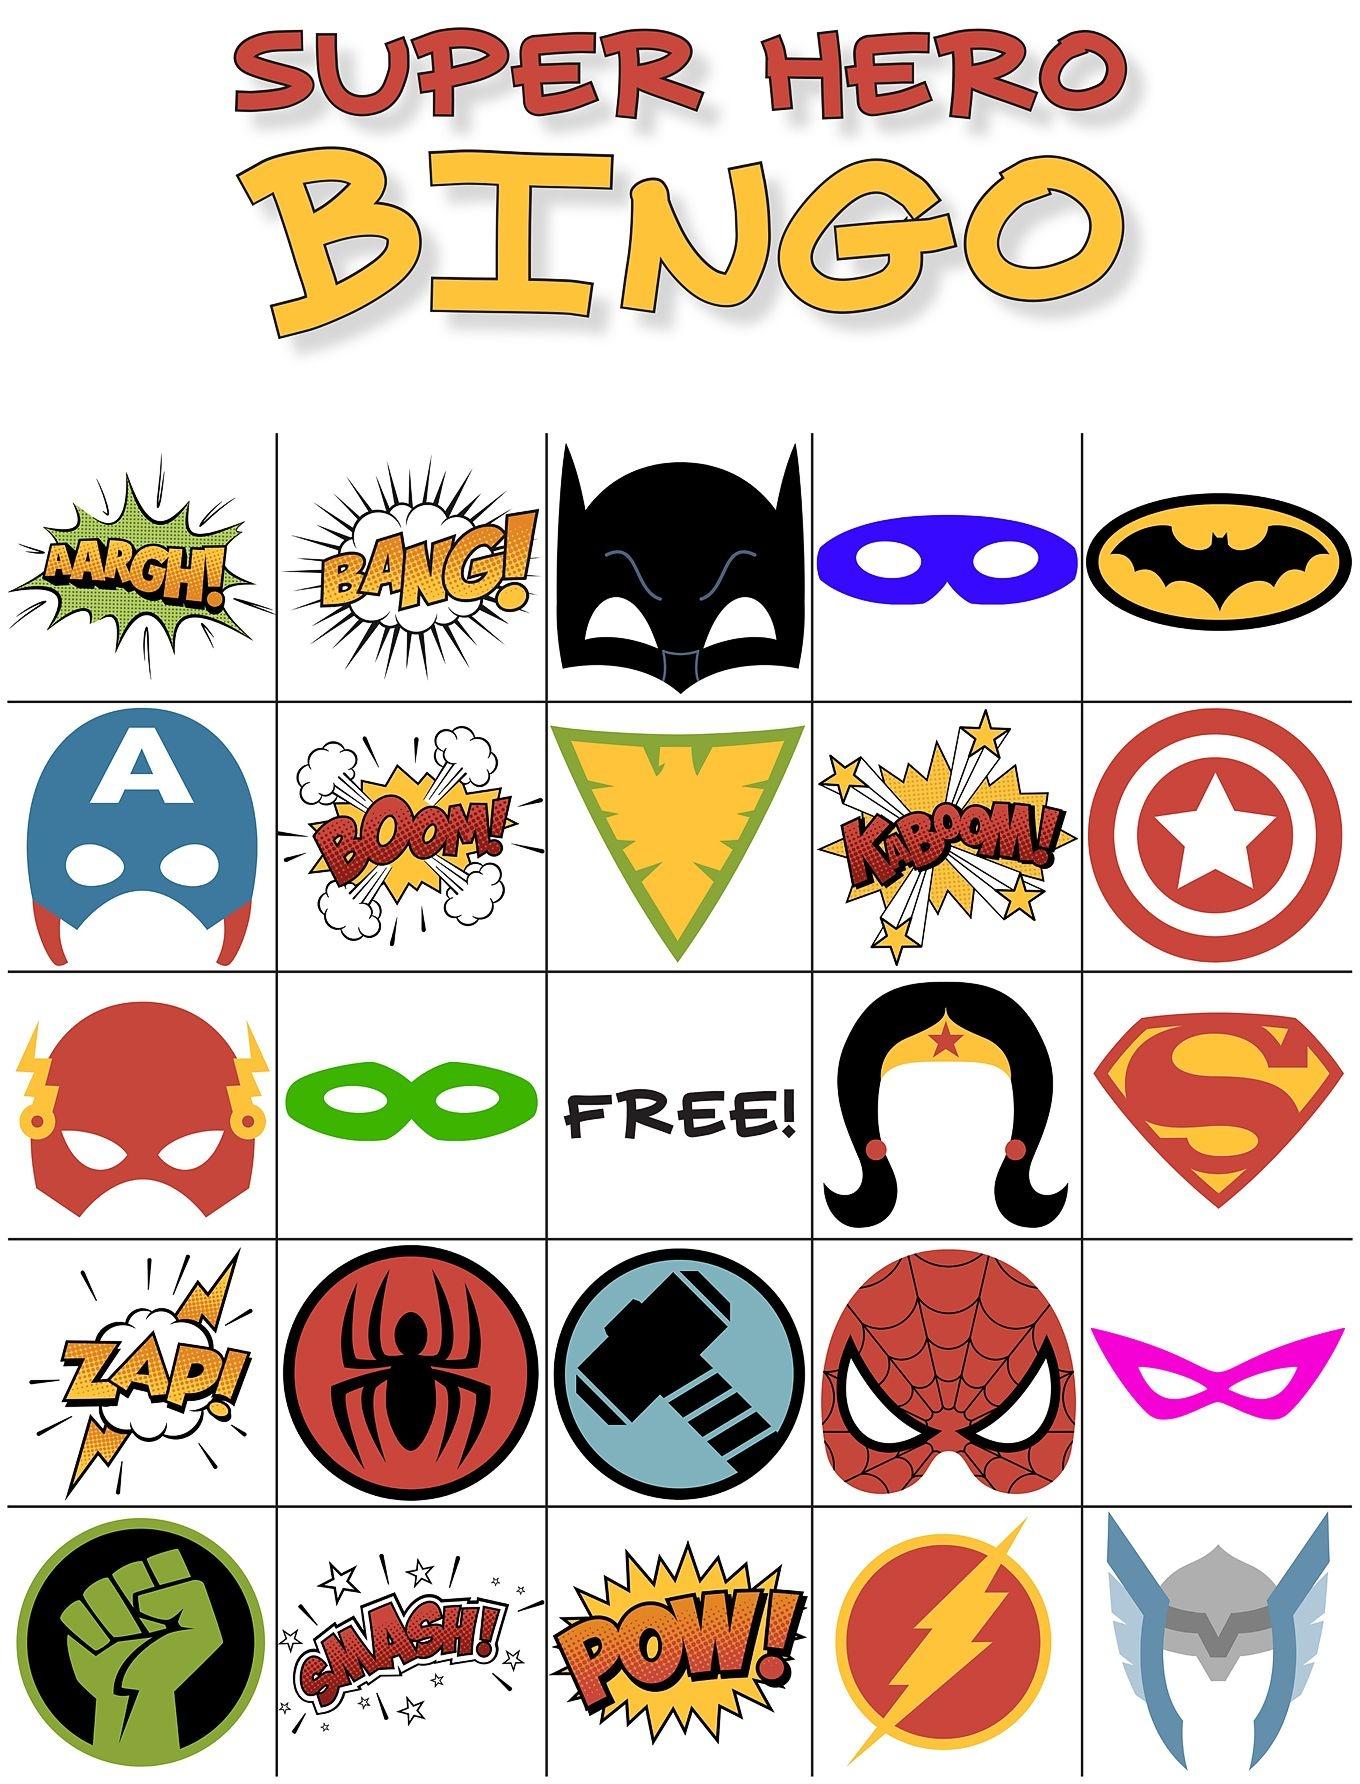 Free Printable Super Hero Bingo Party | Avengers Infinity War - Free Printable Superhero Pictures